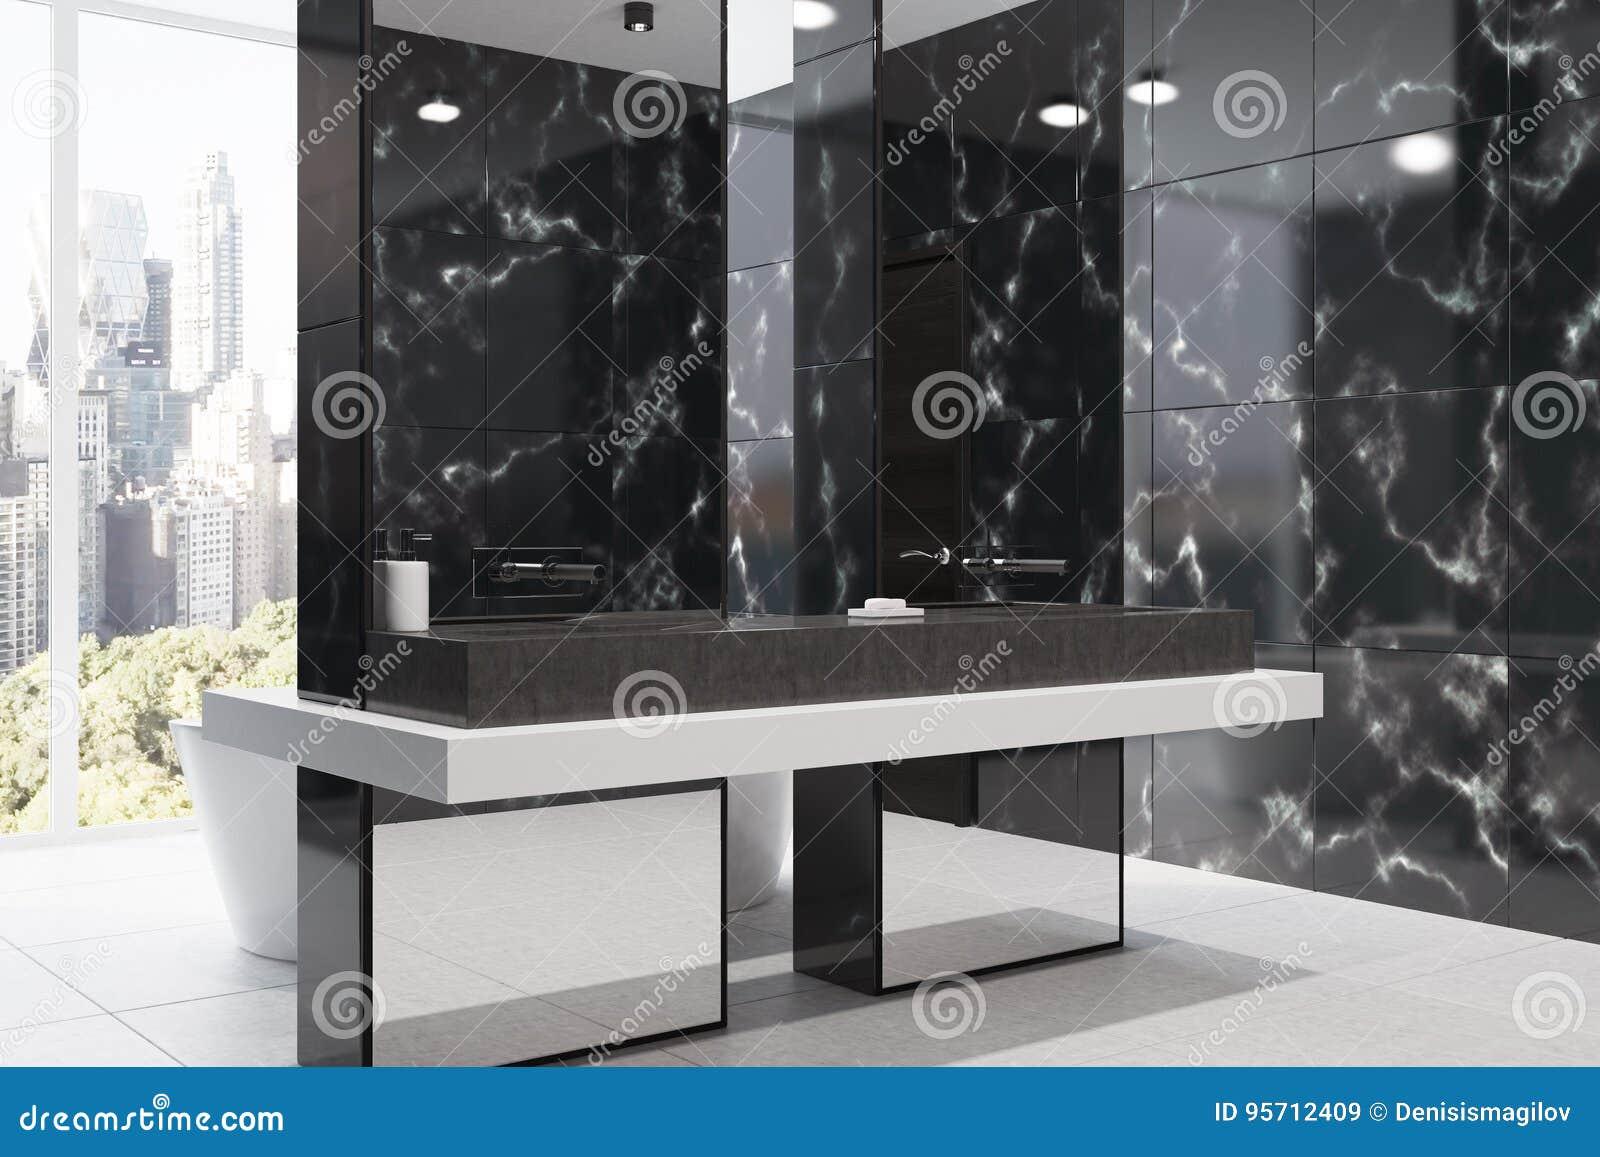 Salle De Bain Couloir Wc ~ Salle De Bains De Marbre Noire Panoramique C T Illustration Stock